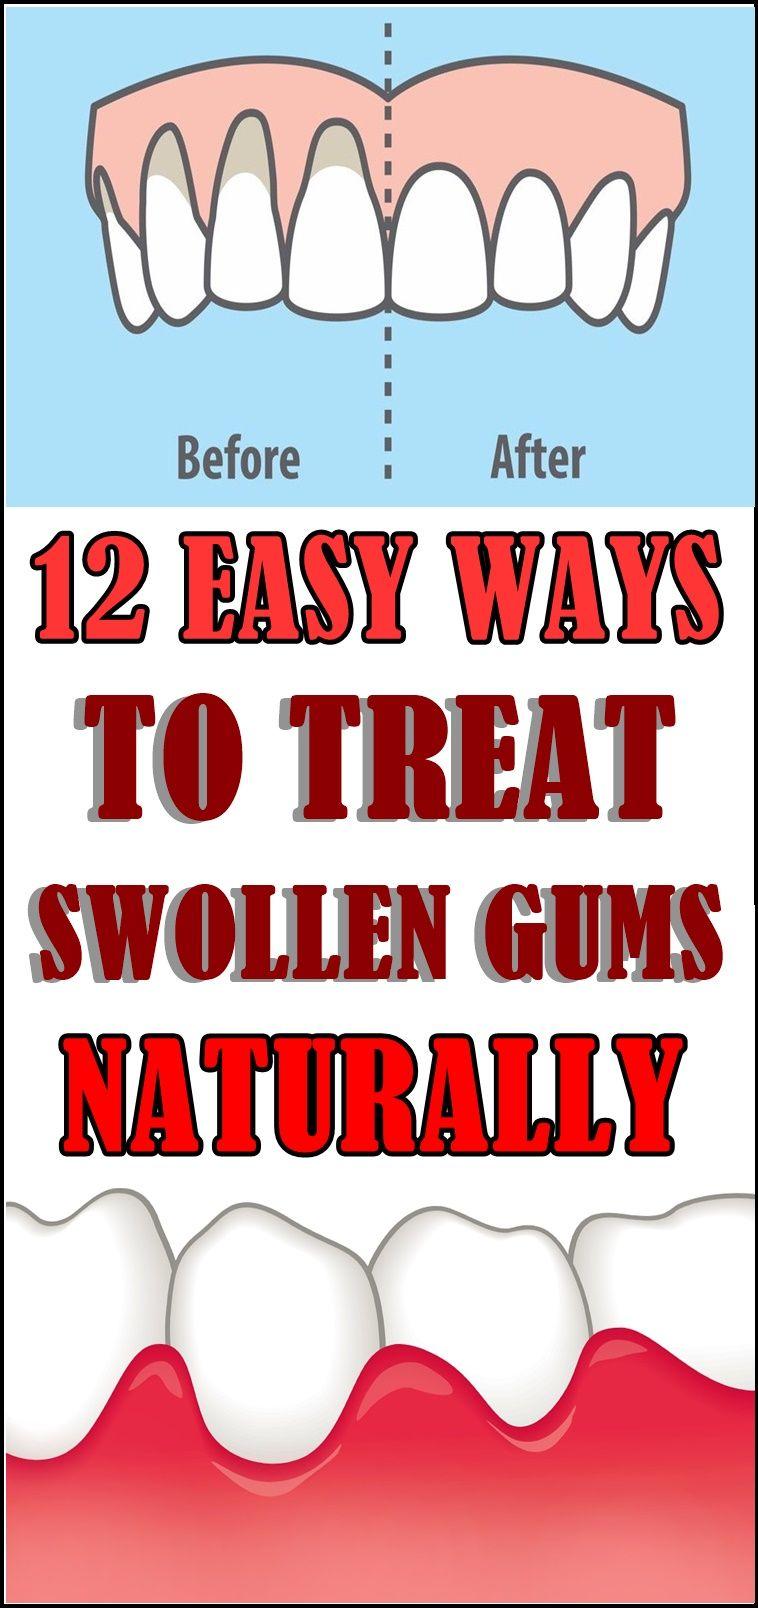 12 EASY WAYS TO TREAT SWOLLEN GUMS NATURALLY Swollen gum